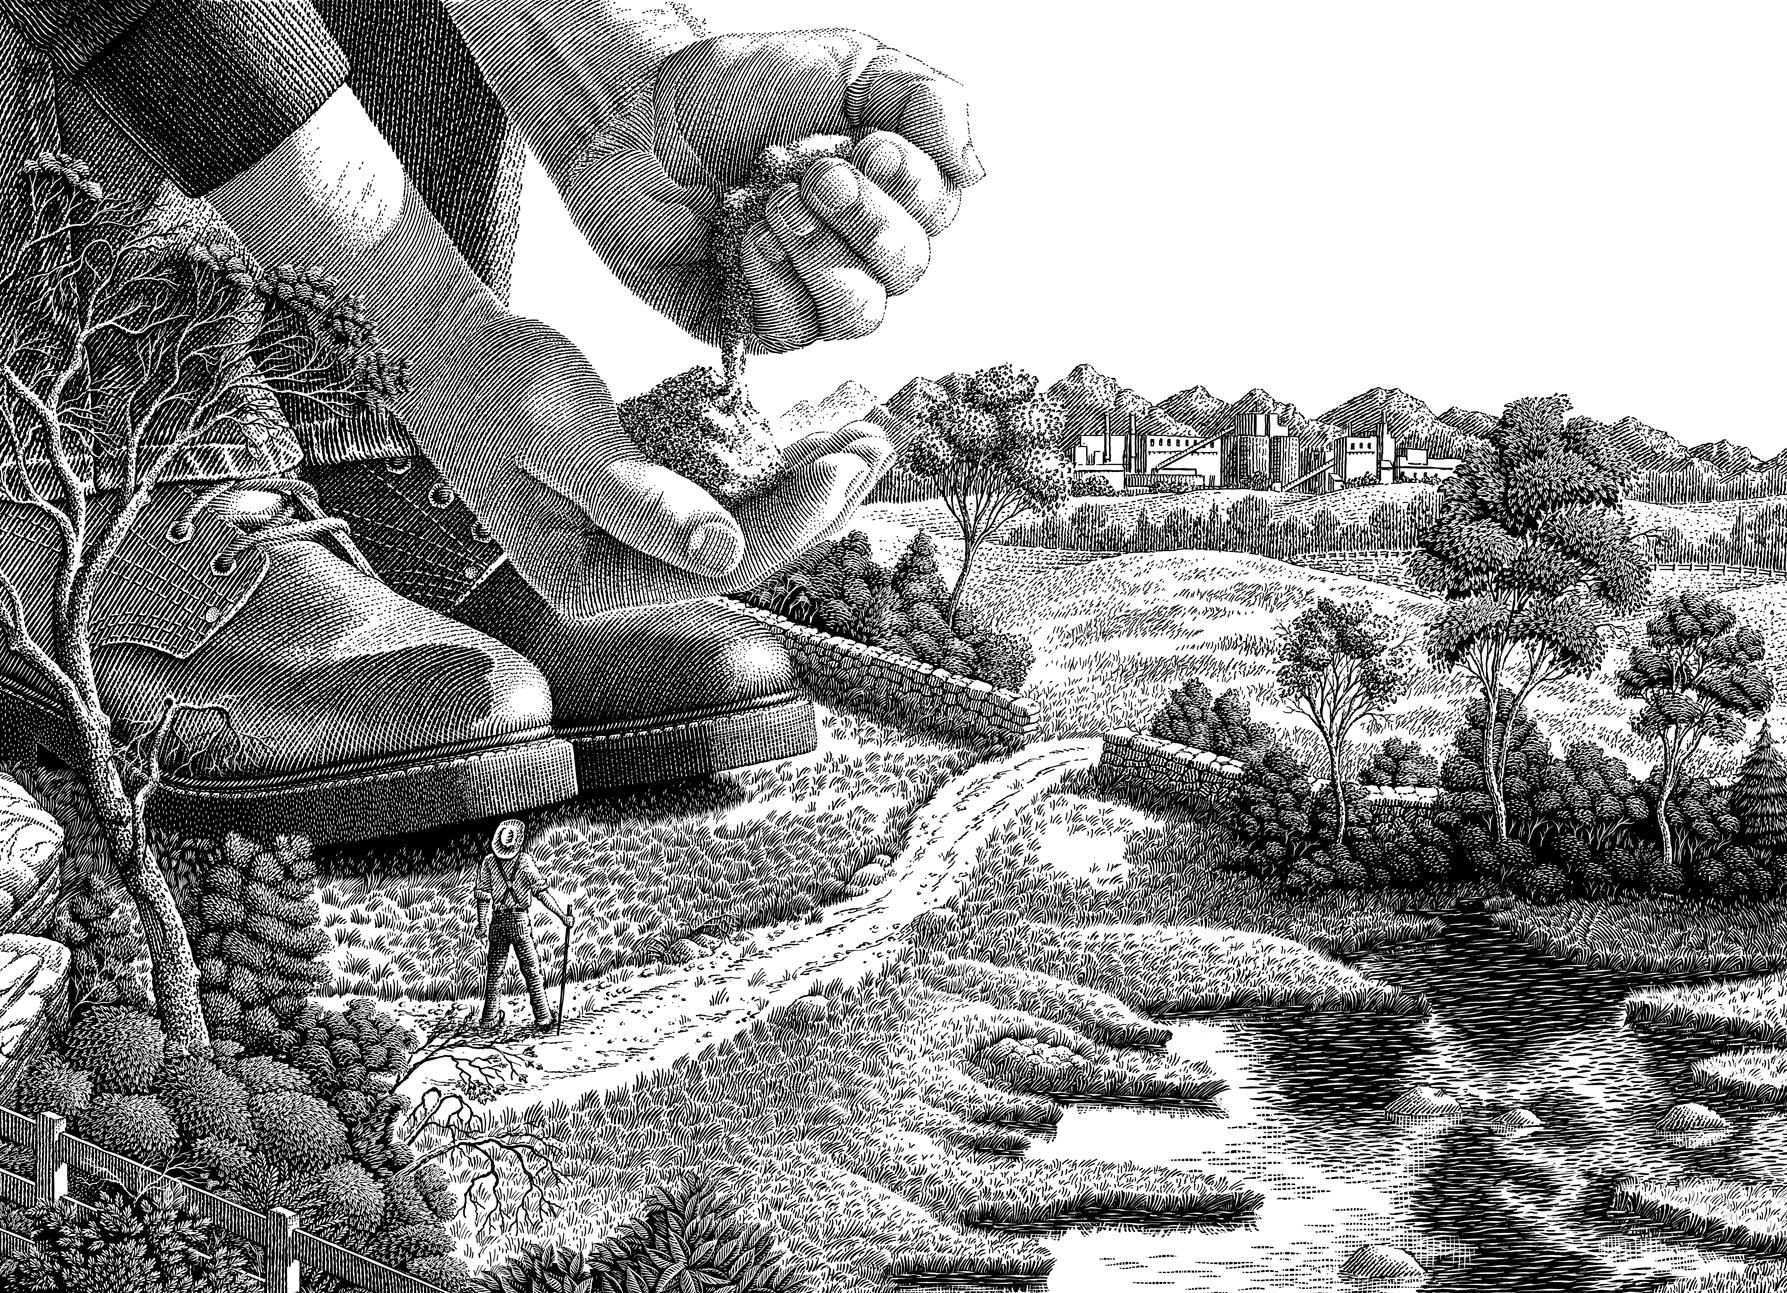 Giant Farmer, Michael Halbert